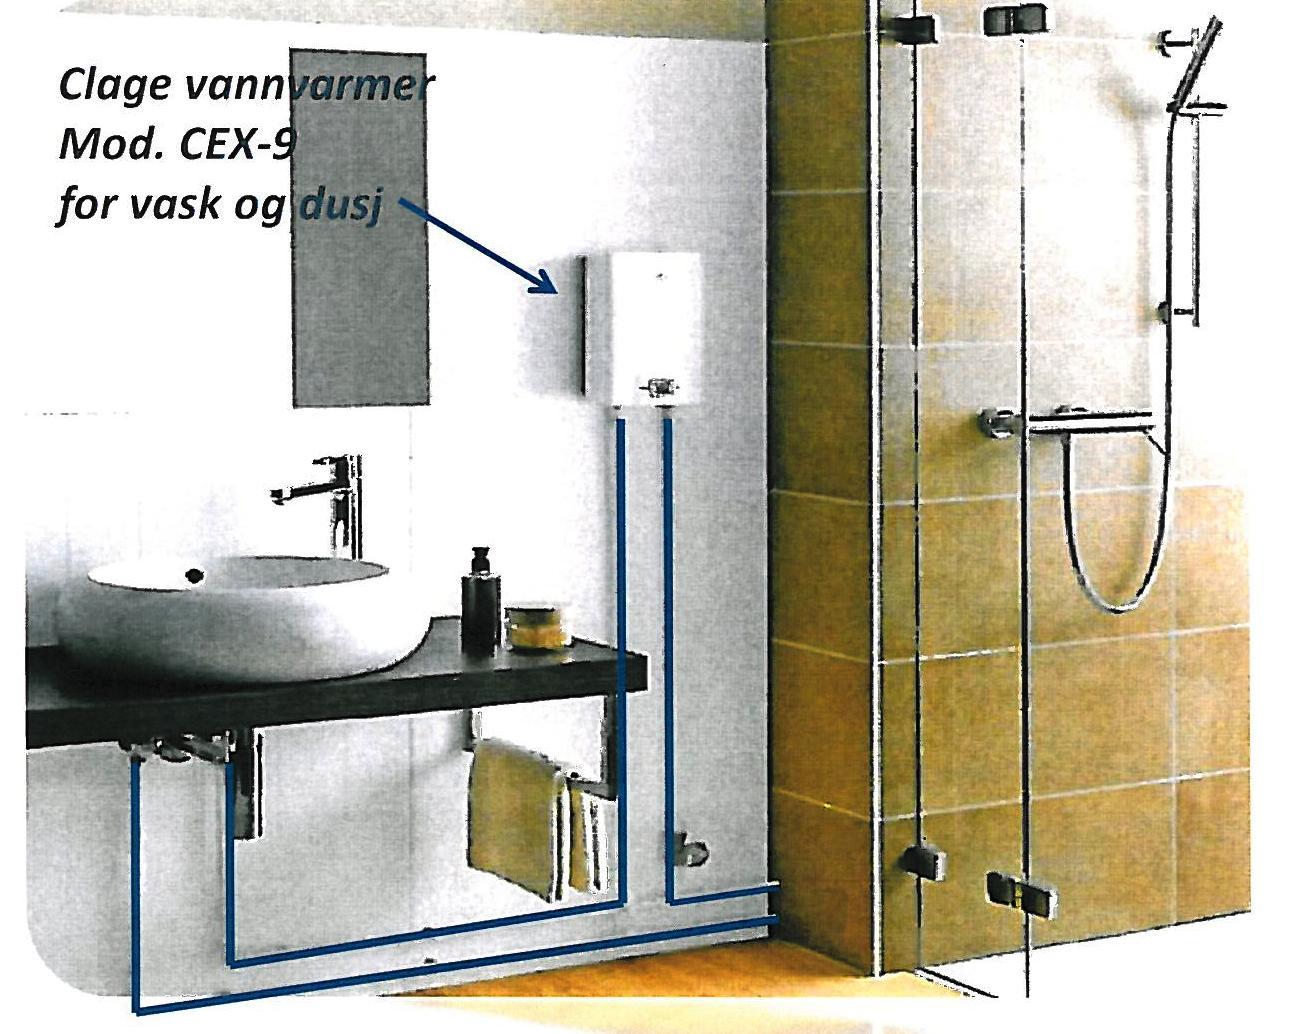 dusj uten innlagt vann